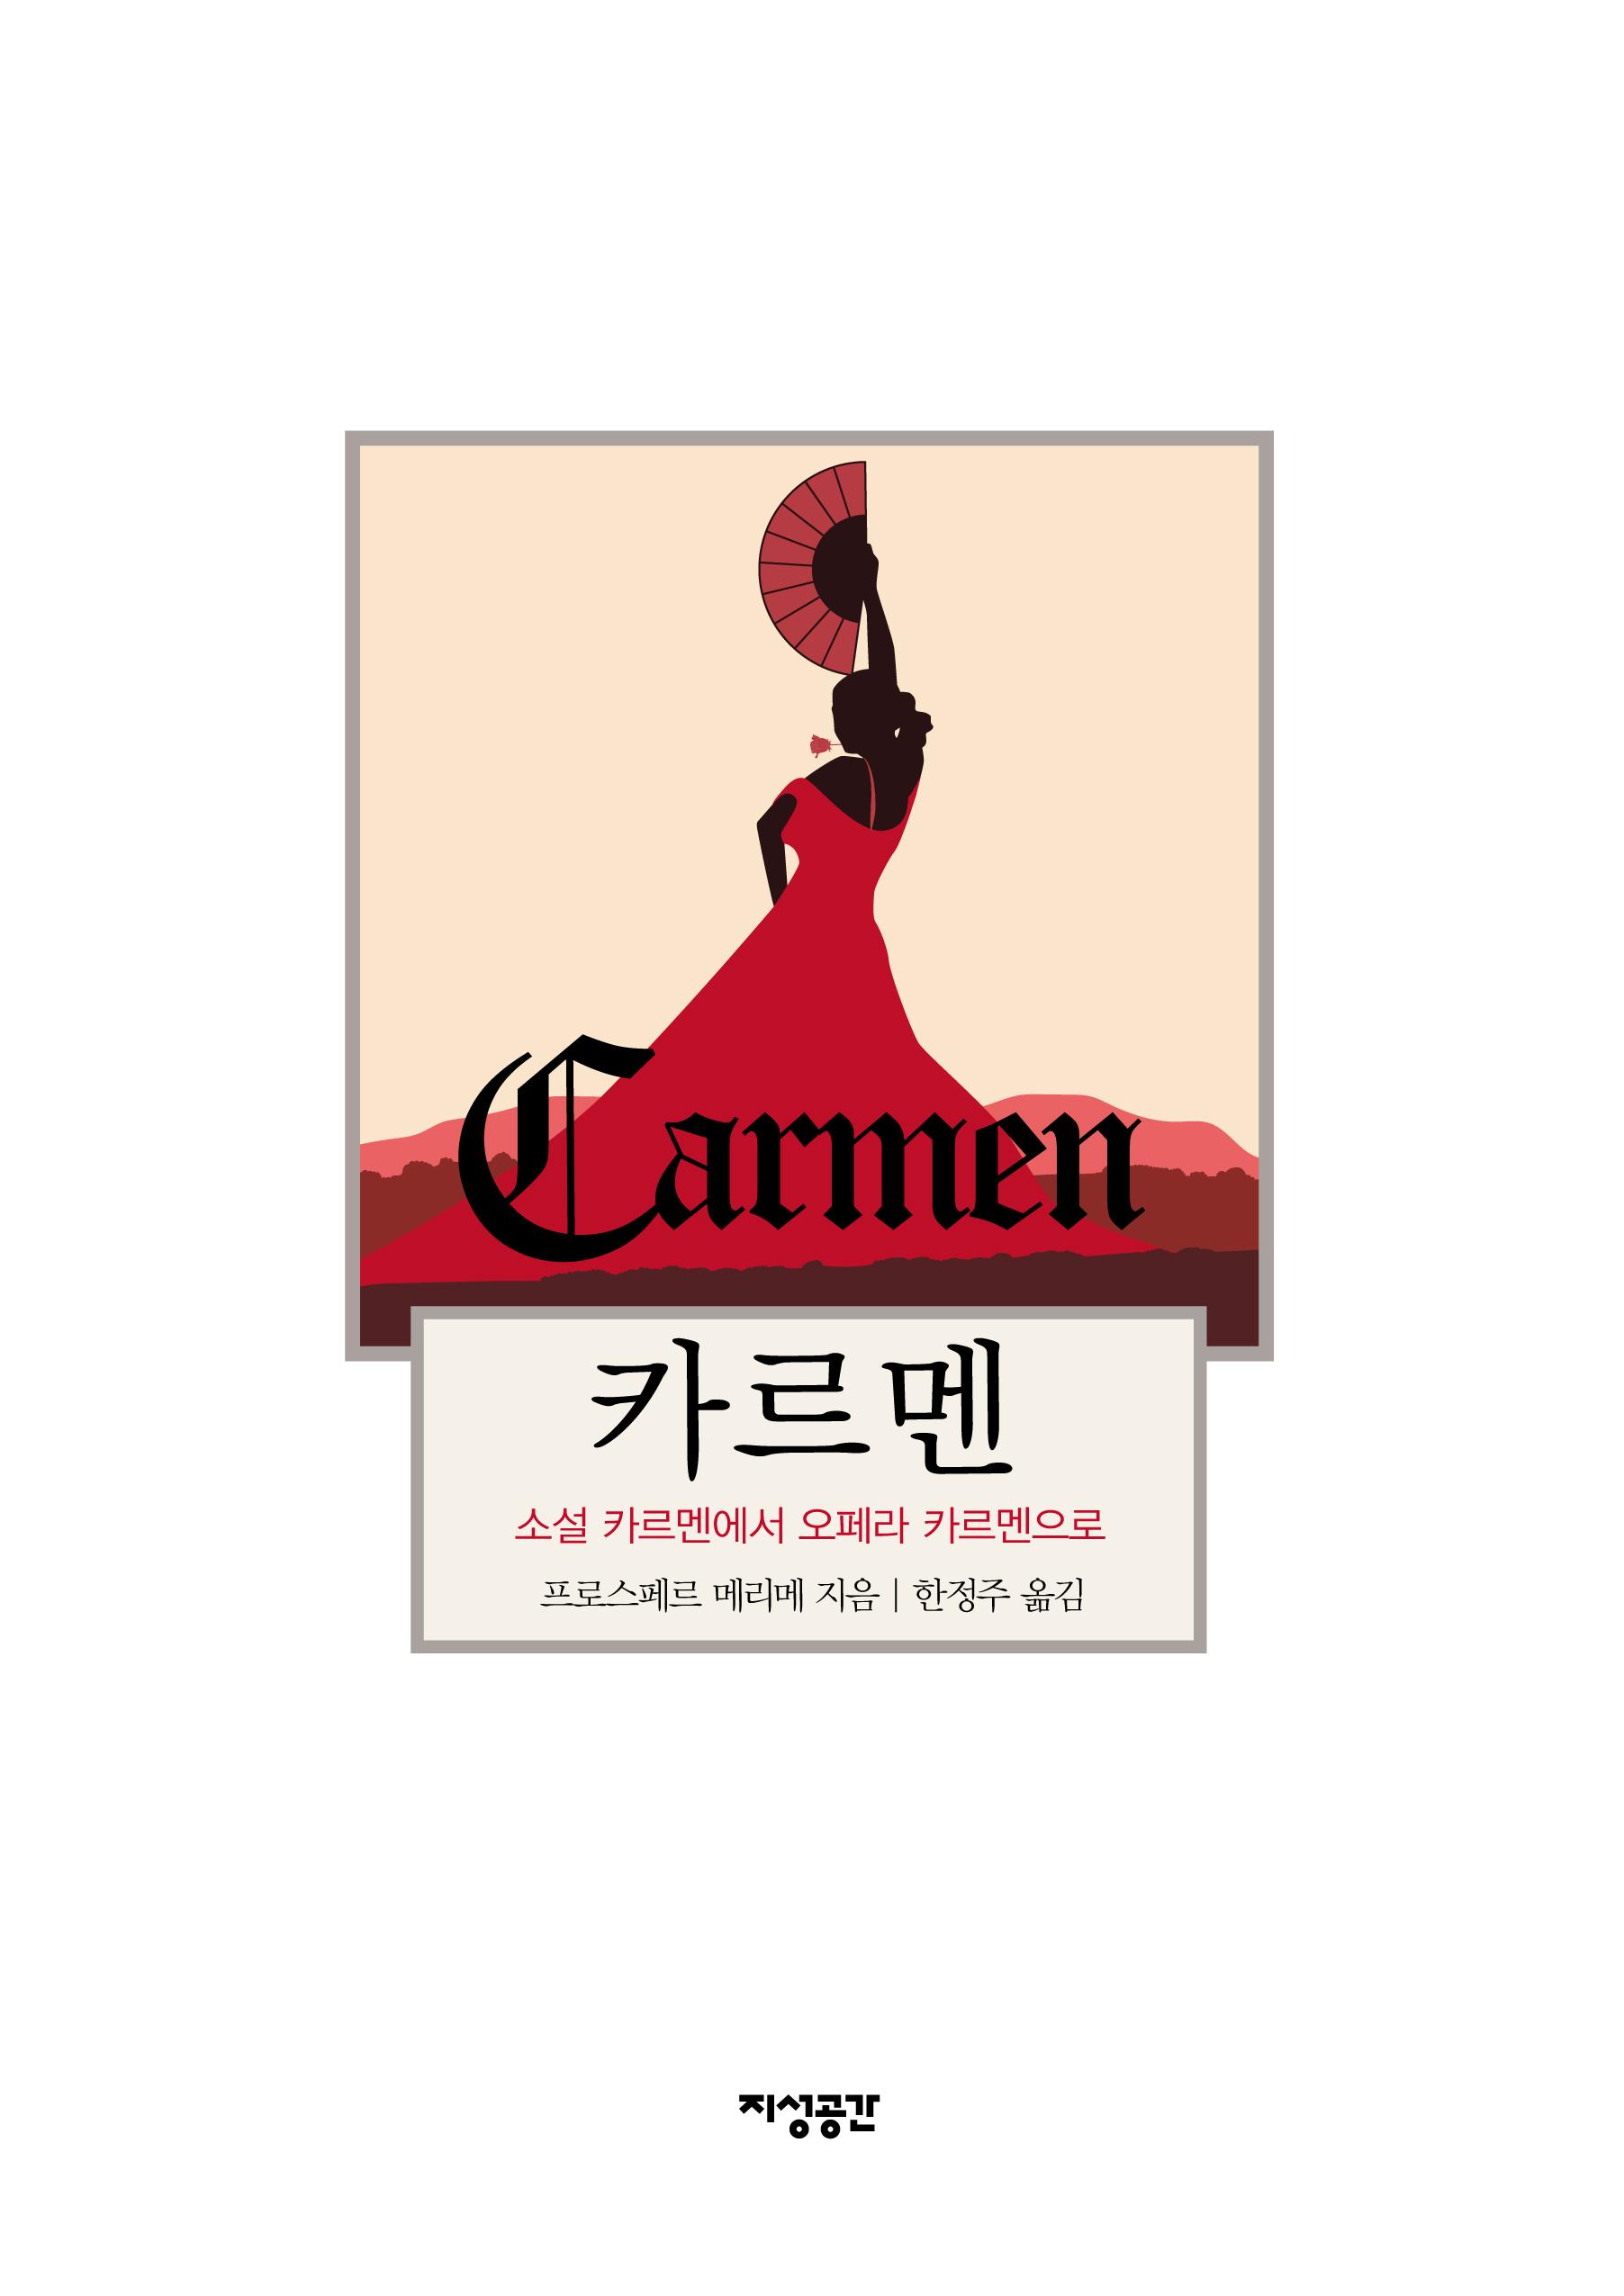 카르멘 -소설 카르멘에서 오페라 카르멘으로-